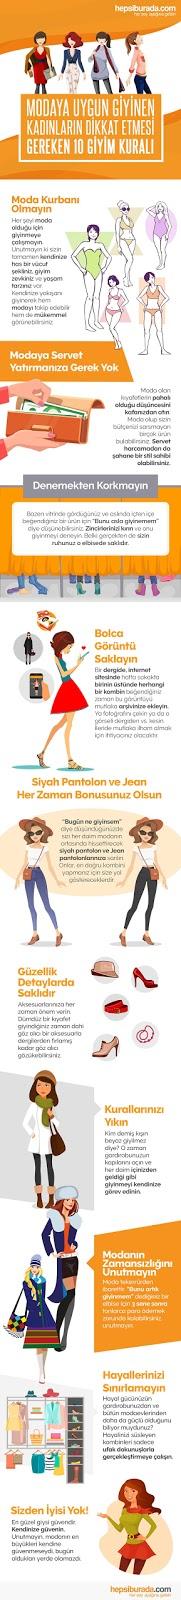 Kadınlar için Her Derde Deva 10 Giyim Kuralı